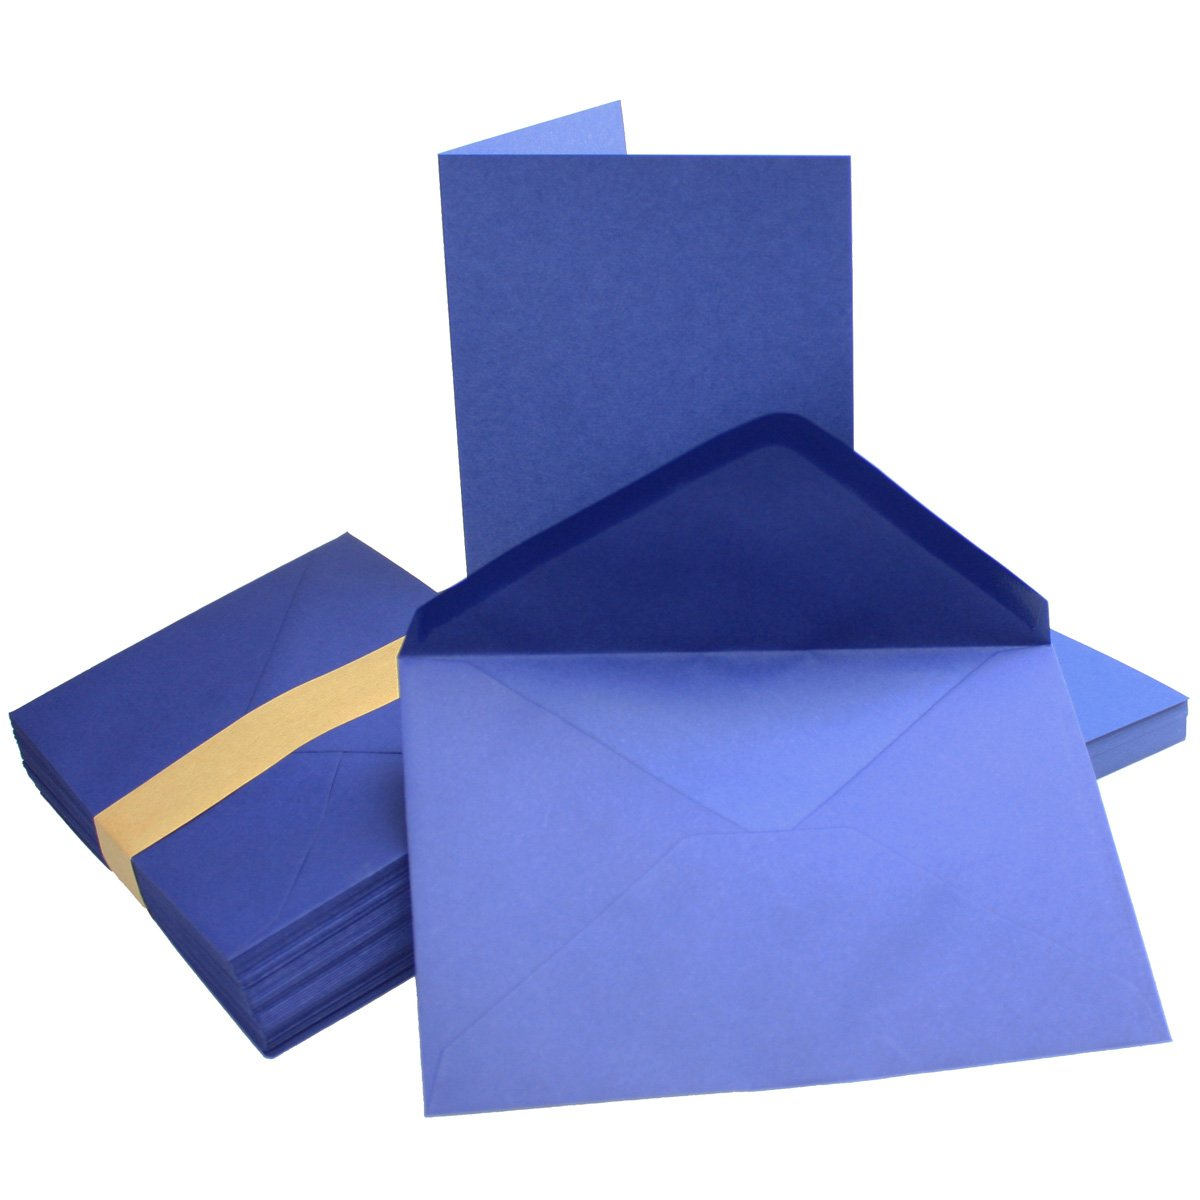 75 Sets - Faltkarten Hellgrau - Din A5  Umschläge Din C5 - Premium Qualität - Sehr formstabil - Qualitätsmarke  NEUSER FarbenFroh B07BSFWXVC   New Style